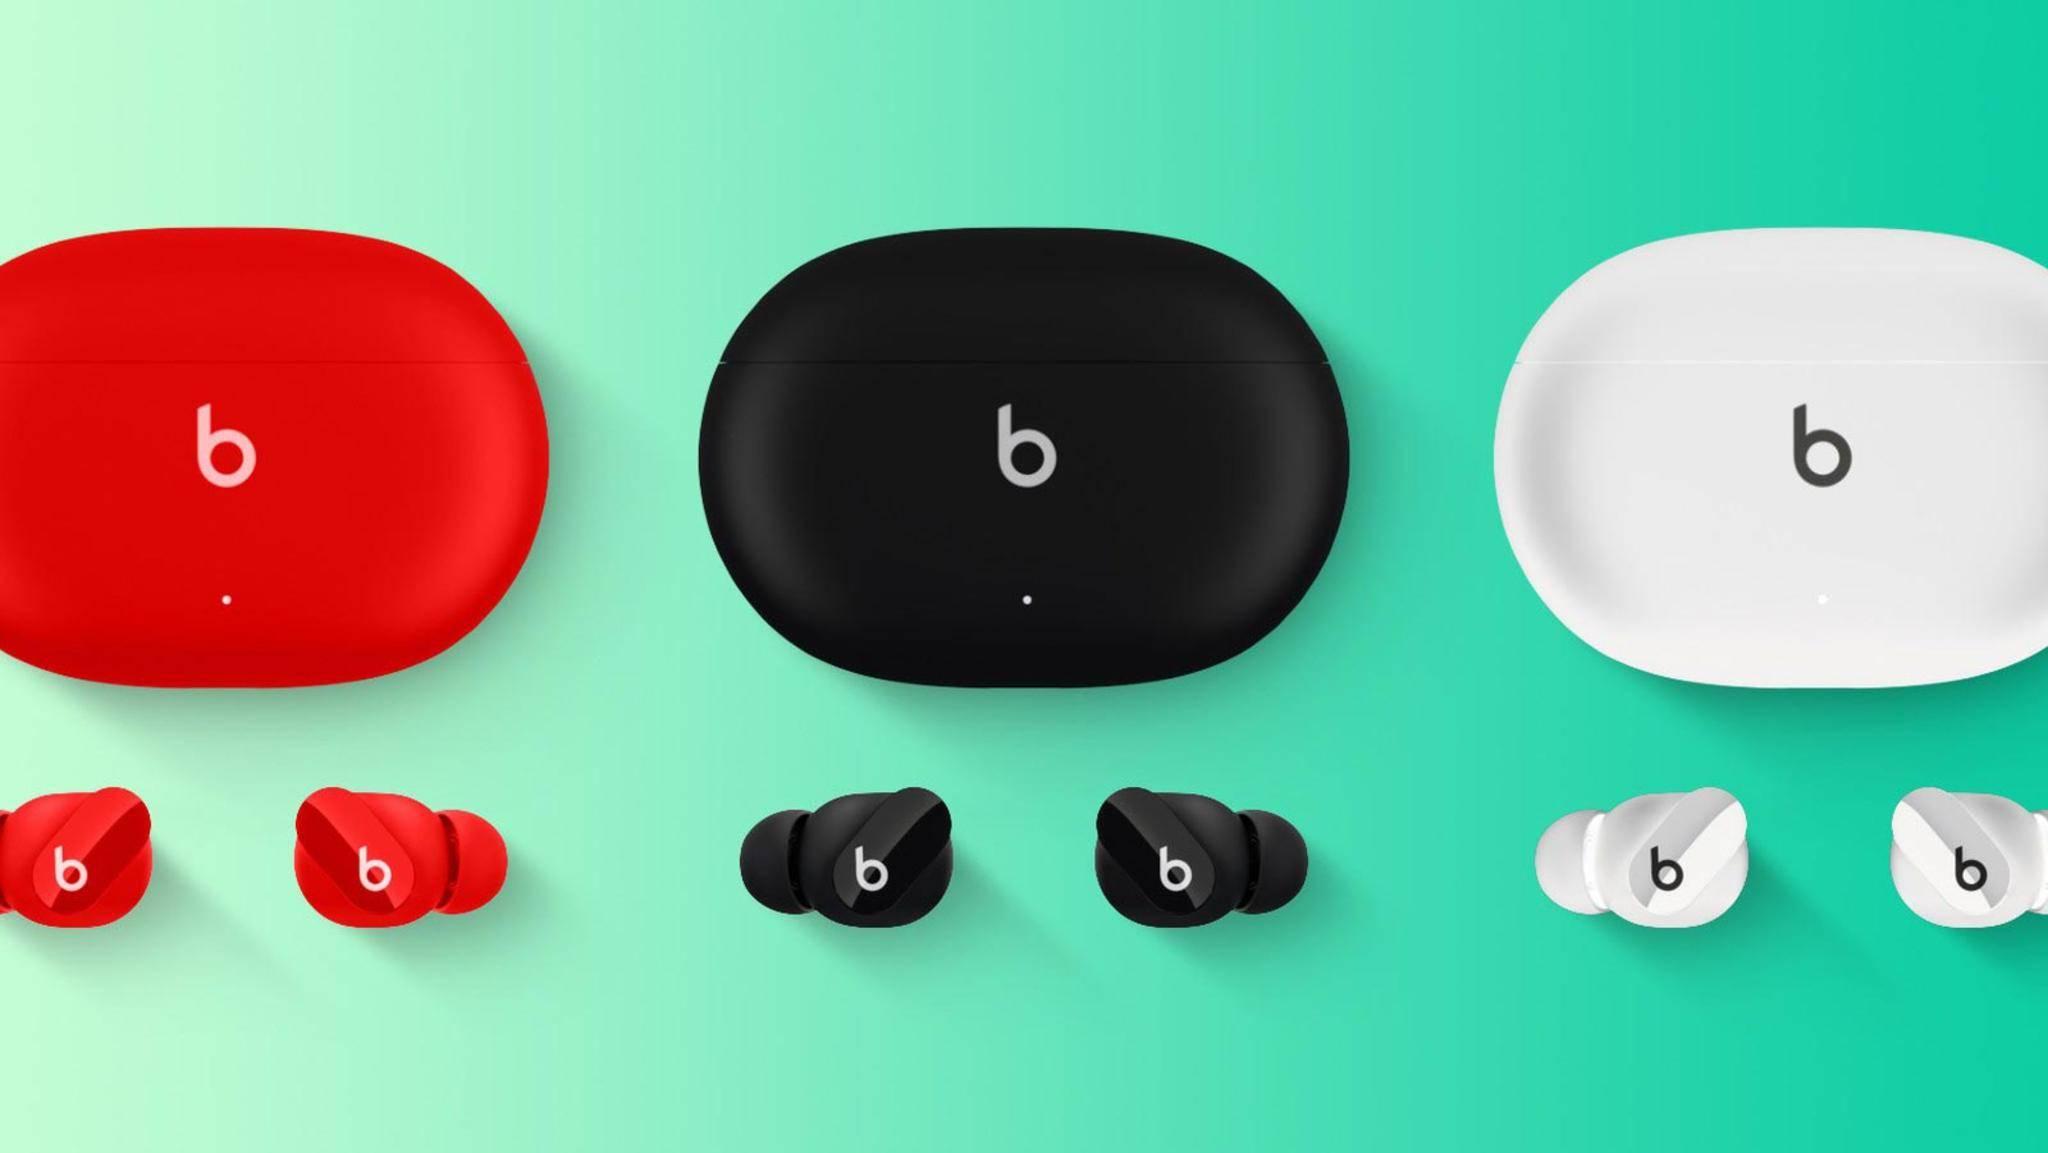 Kompakter und ohne Ohrbügel: So sollen die neuen Beats-Kopfhörer aussehen.